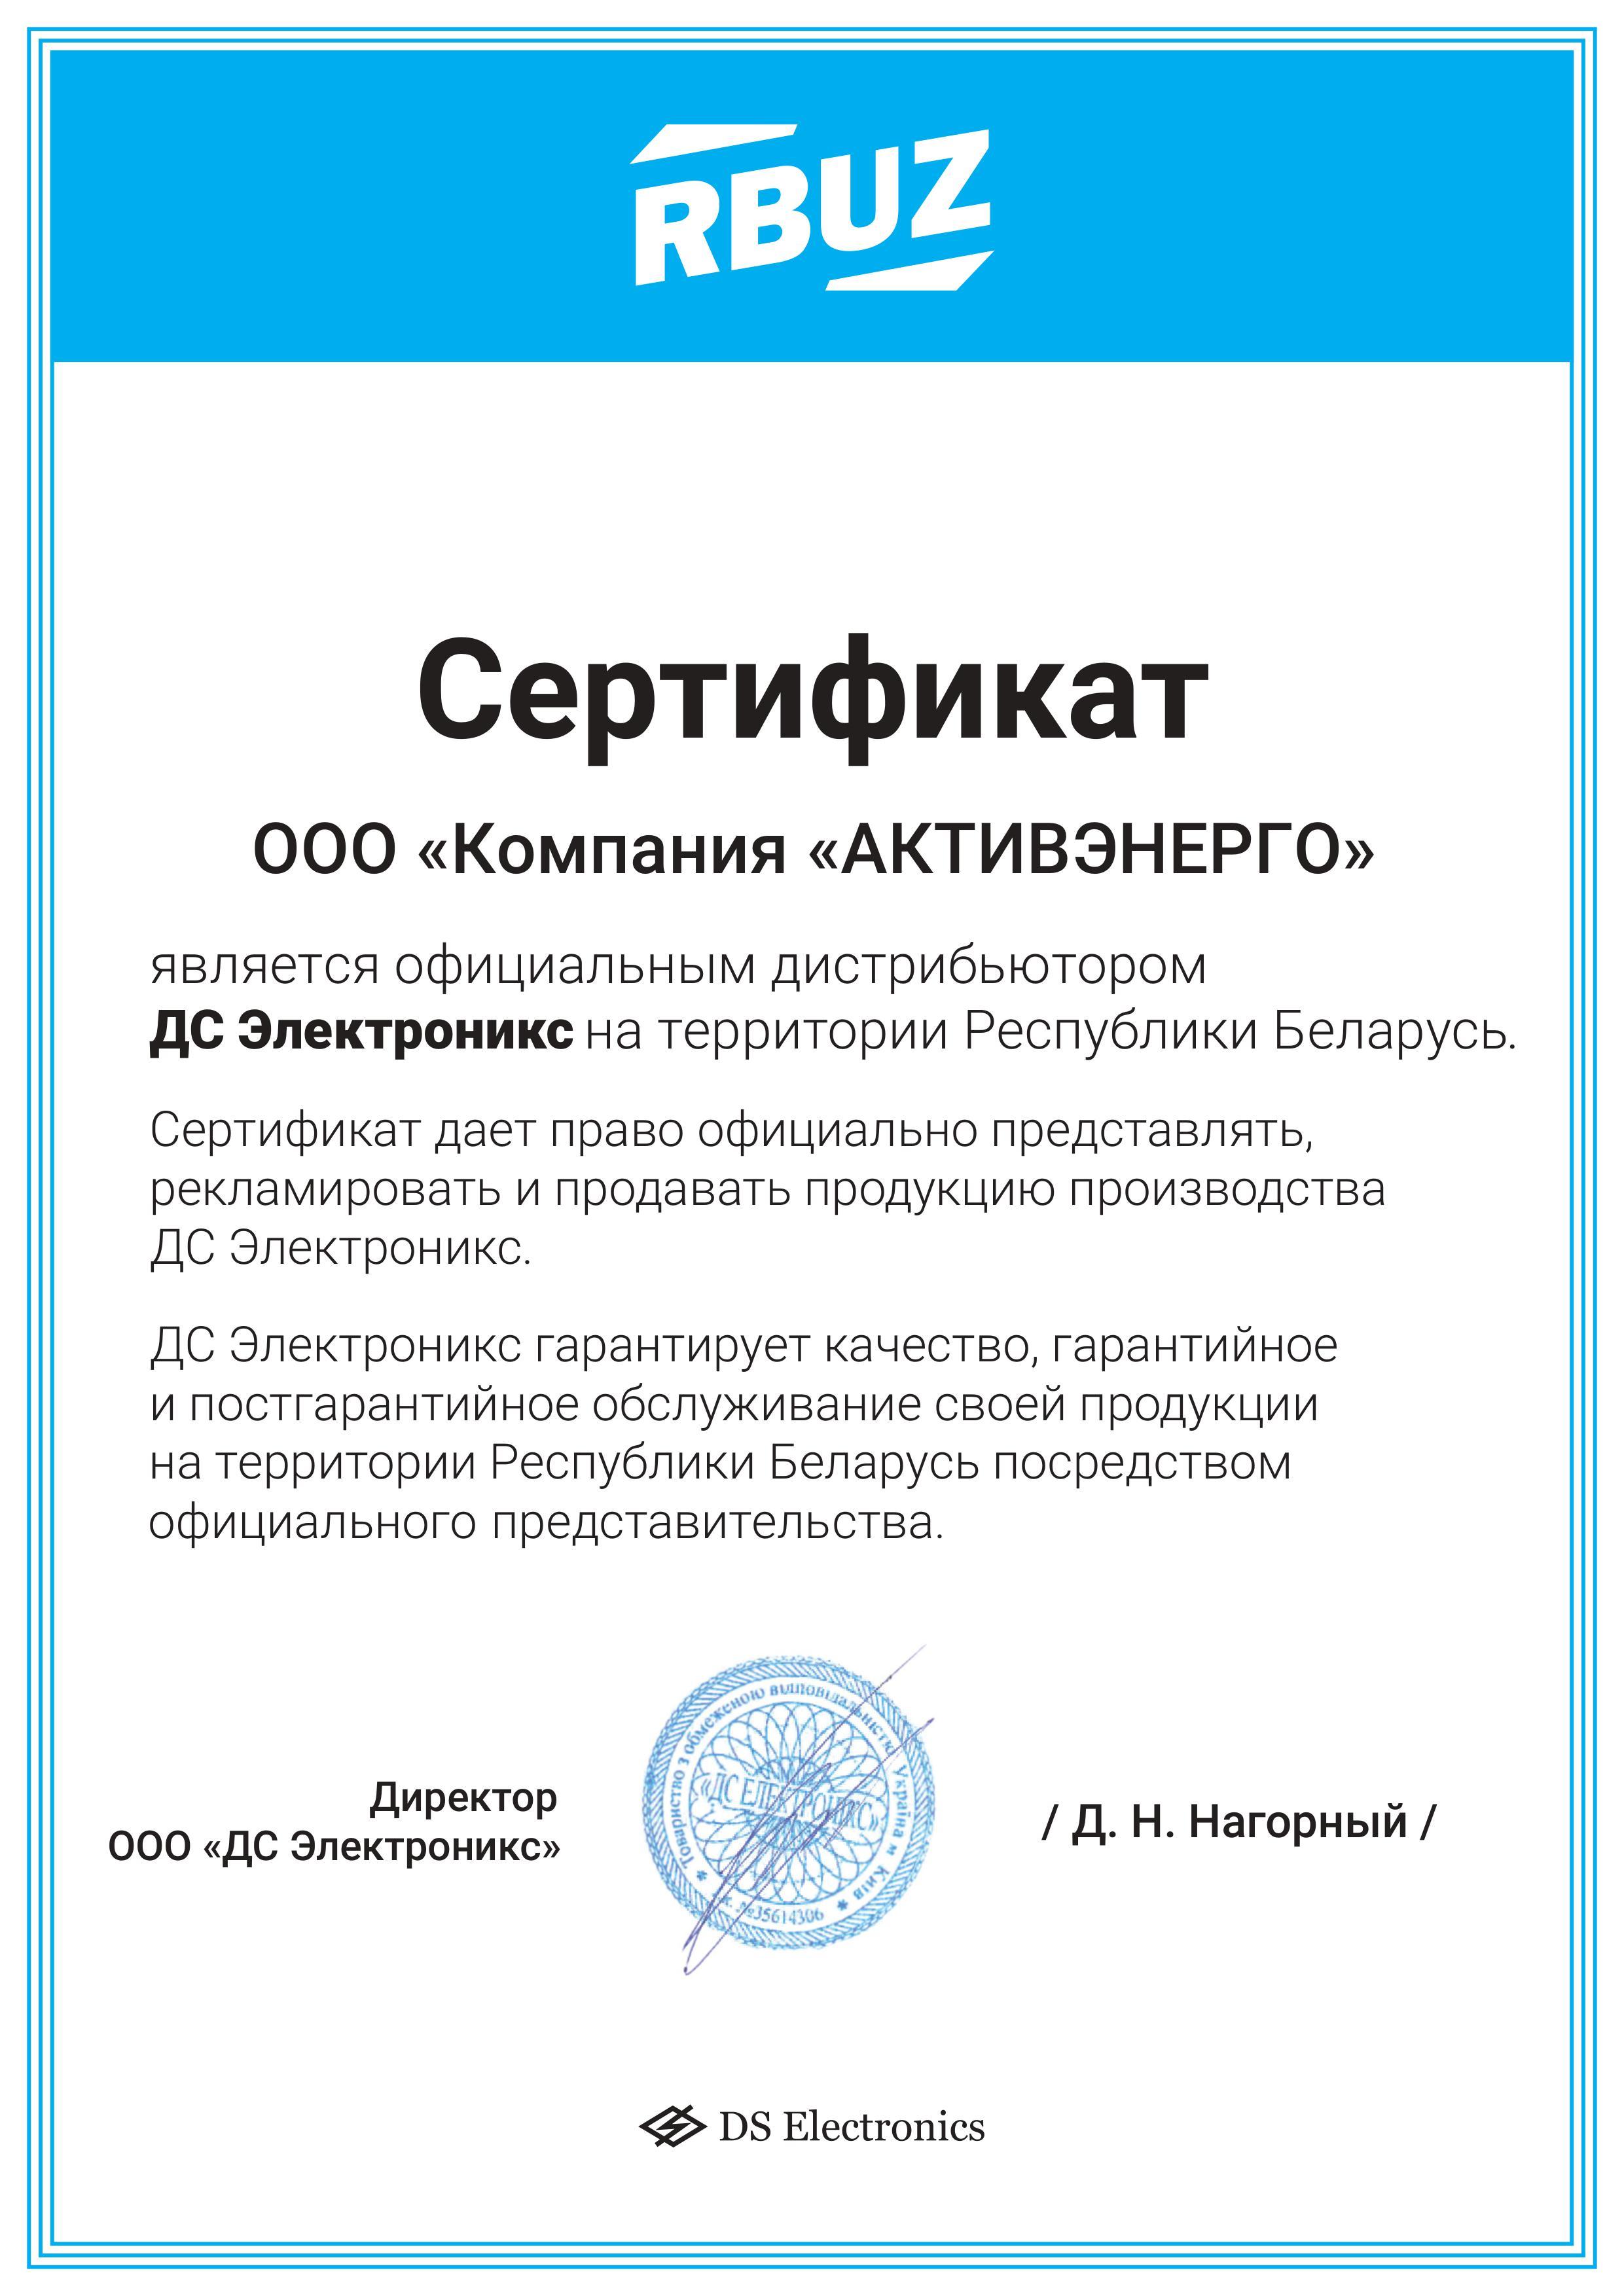 Сертификат RBUZ ООО «Компания «АКТИВЭНЕРГО»